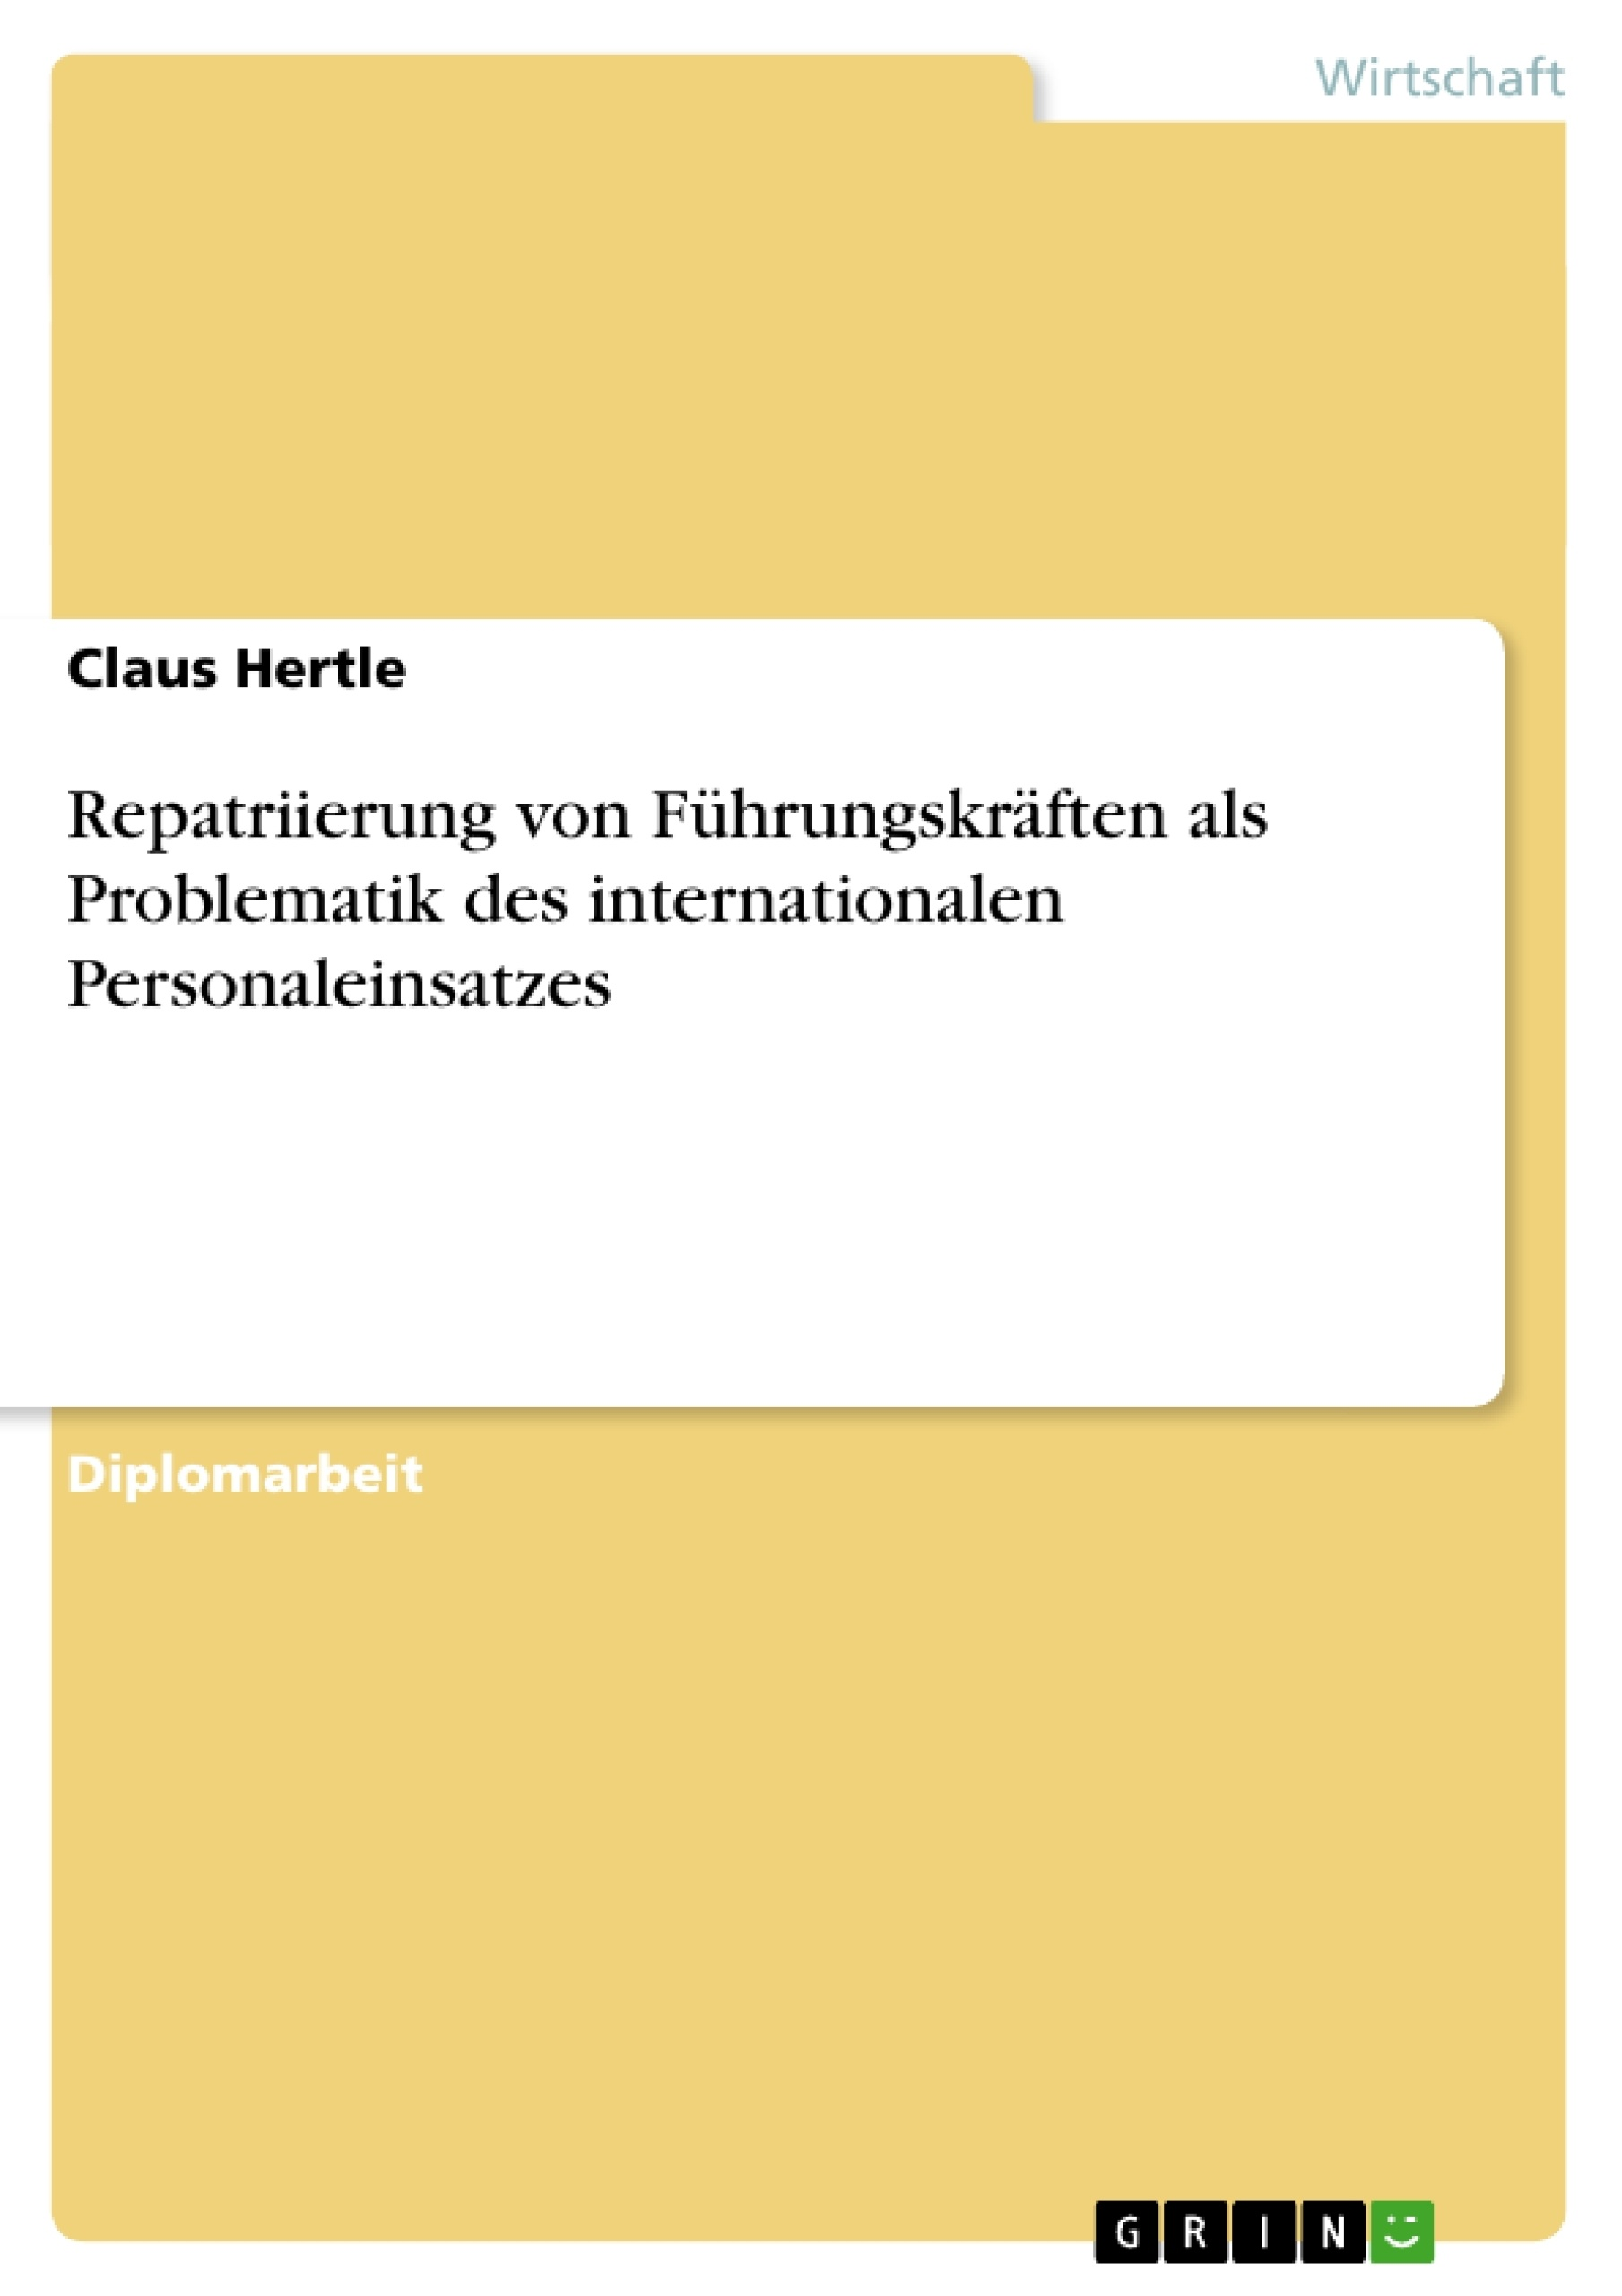 Titel: Repatriierung von Führungskräften als Problematik des internationalen Personaleinsatzes